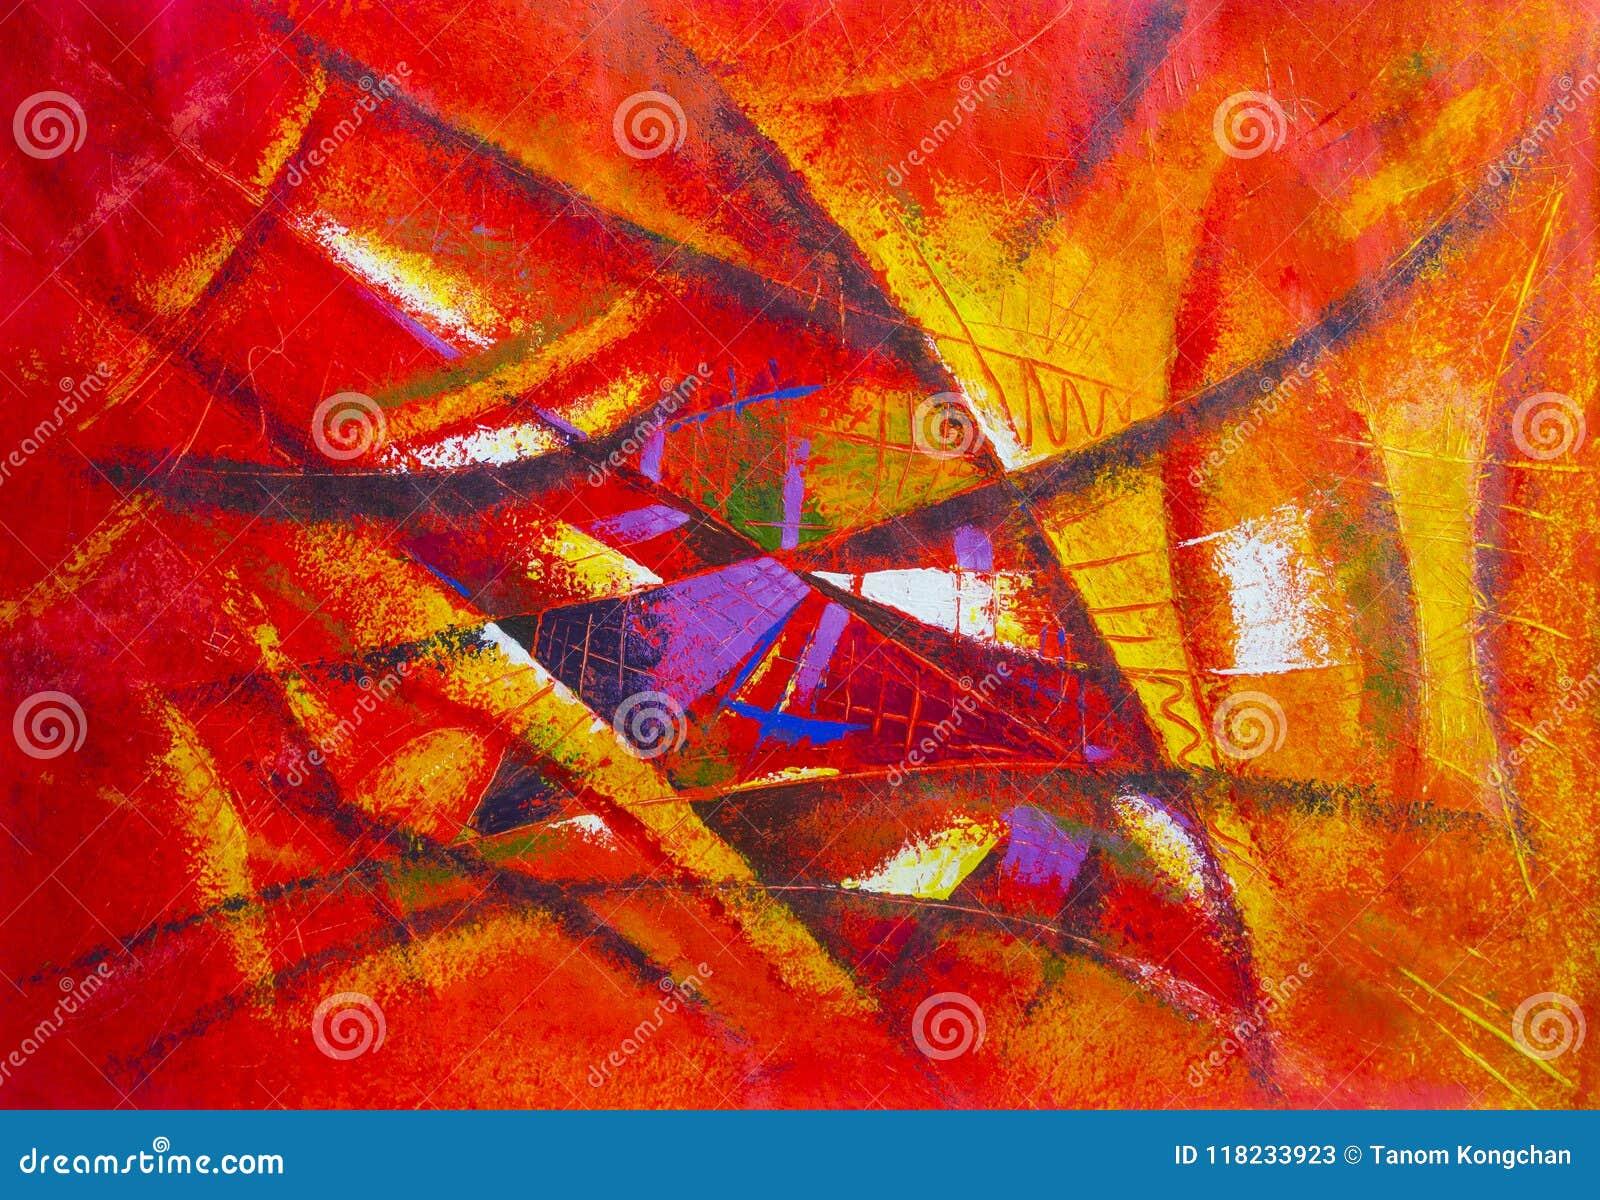 Malować abstrakcjonistycznej sztuki oryginału olej i akrylowego kolor na kanwie